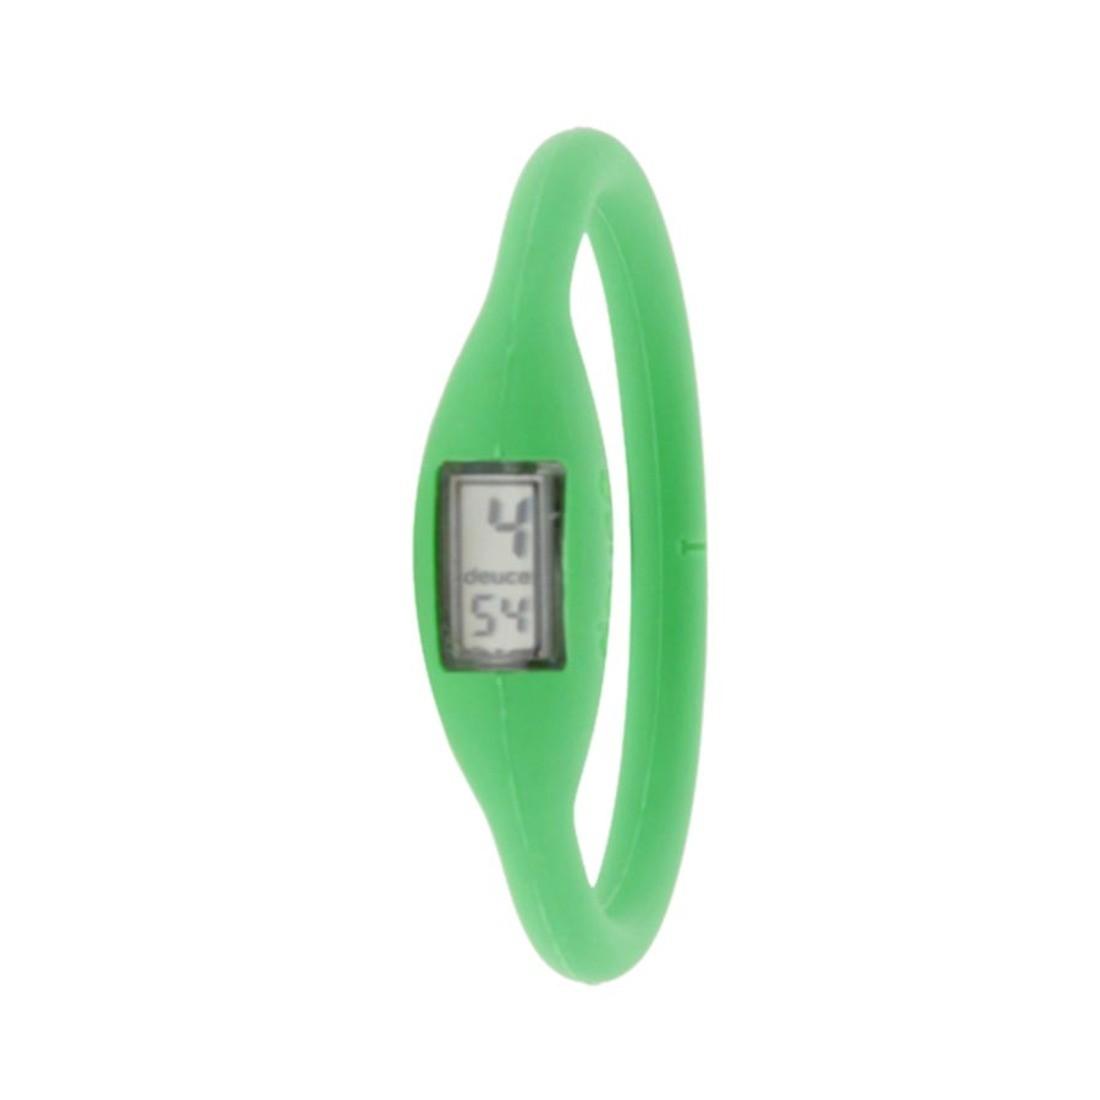 ウォッチ 時計 緑 グリーン 【 WATCH GREEN DEUCE BRAND ORIGINAL 】 腕時計 メンズ腕時計